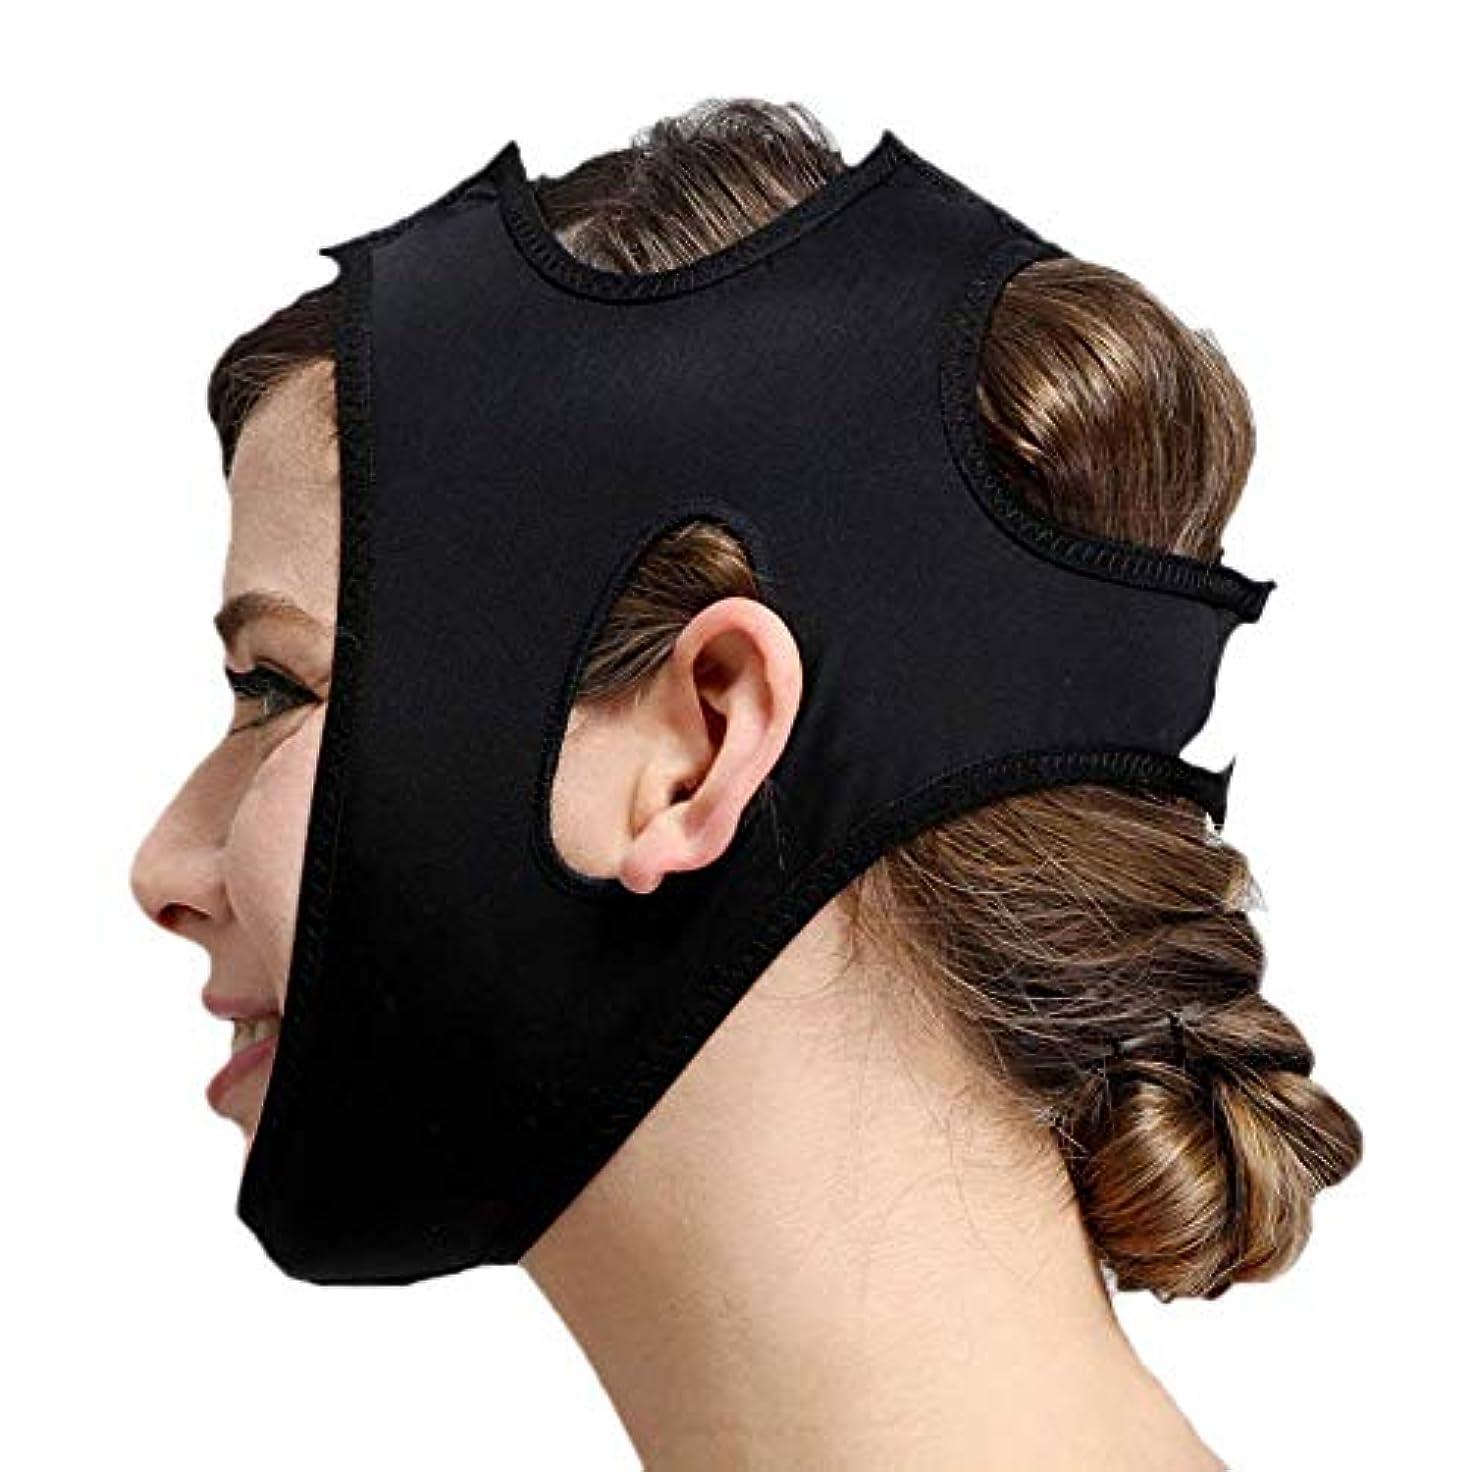 引退した懺悔ビジターフェイススリミングマスク、快適さと通気性、フェイシャルリフティング、輪郭の改善された硬さ、ファーミングとリフティングフェイス(カラー:ブラック、サイズ:XL),黒、XXL